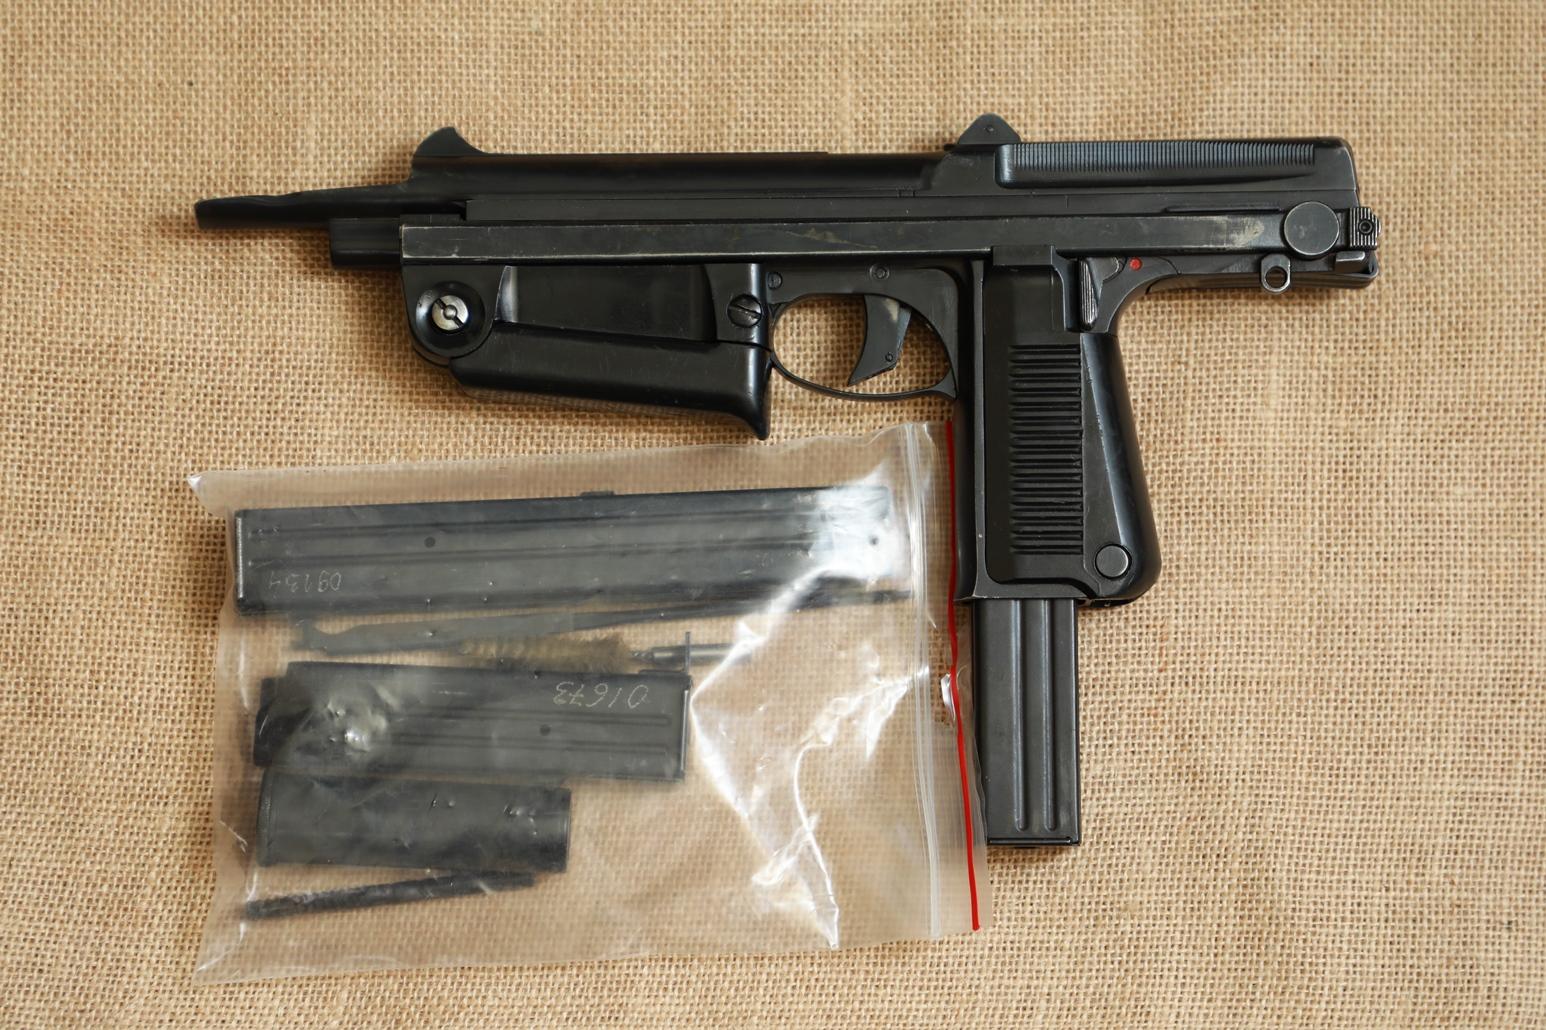 Охолощенный пистолет-пулемет RAK-63 #WR 4862 1972 год, 1 категория